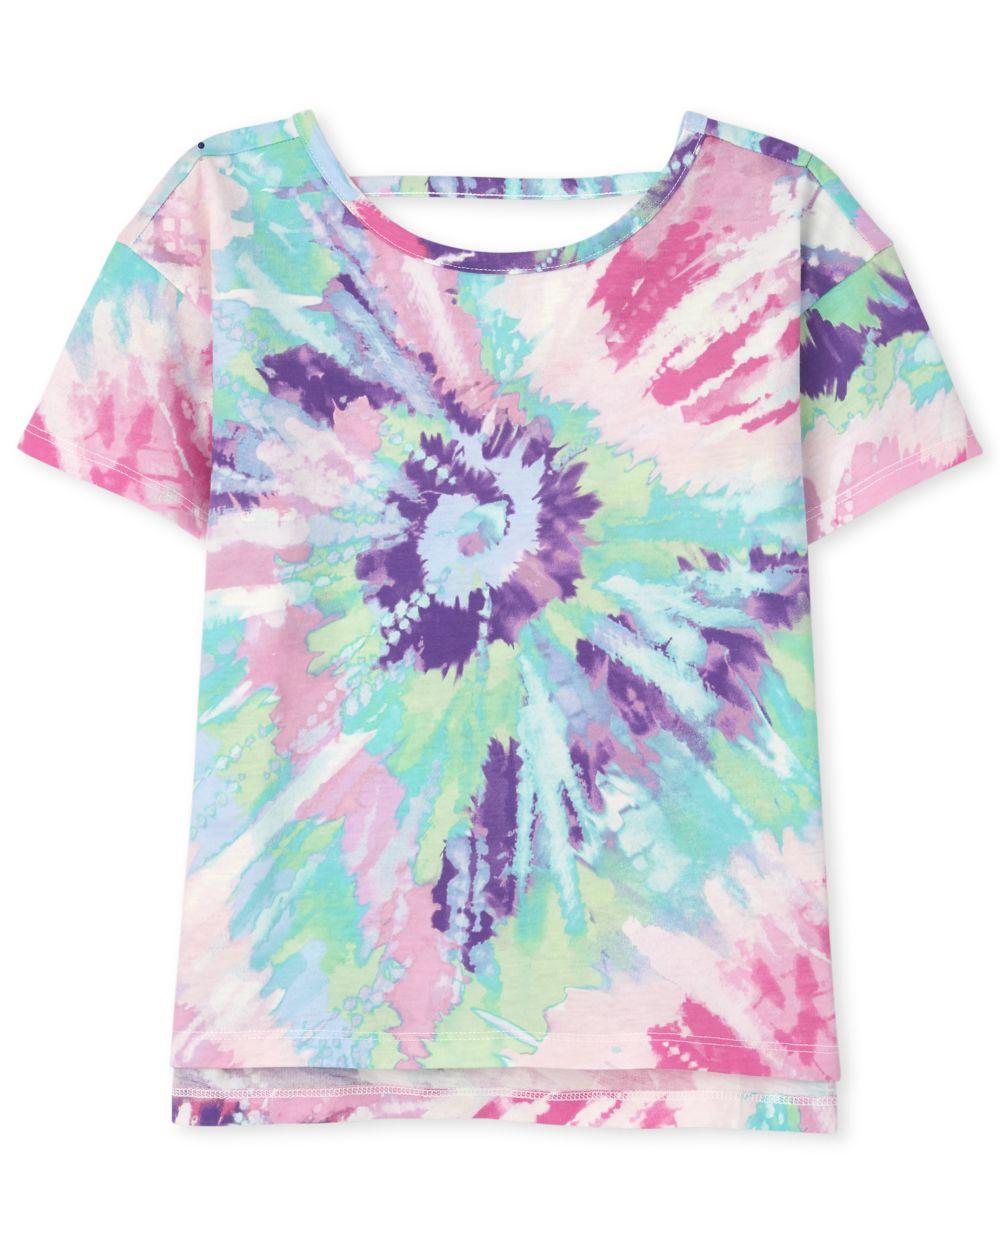 Girls Tie Dye Cut Out High Low Top - Purple